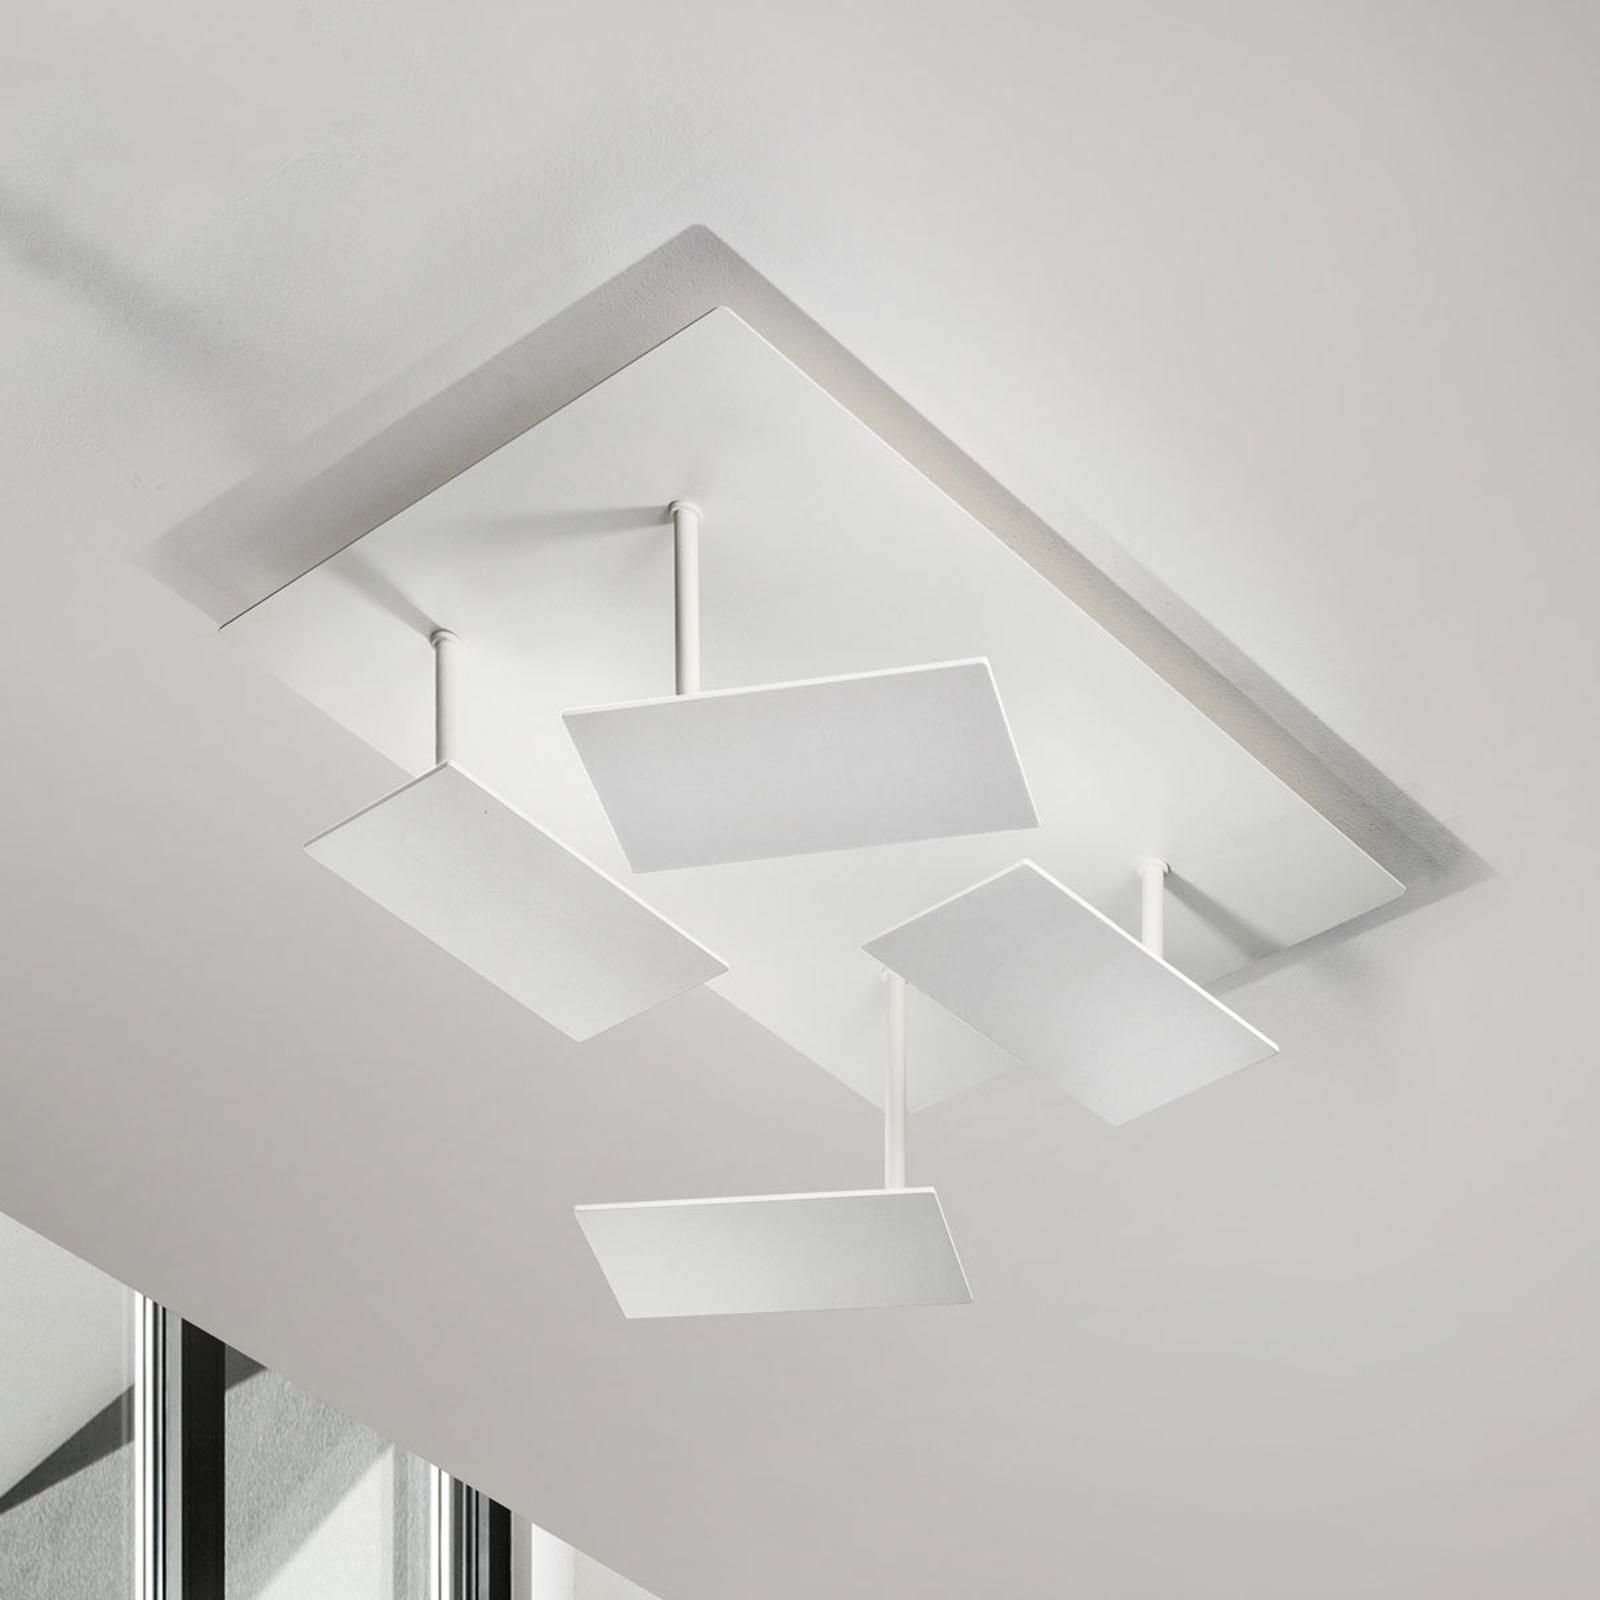 Plafonnier LED moderne et blanc Time, réglable